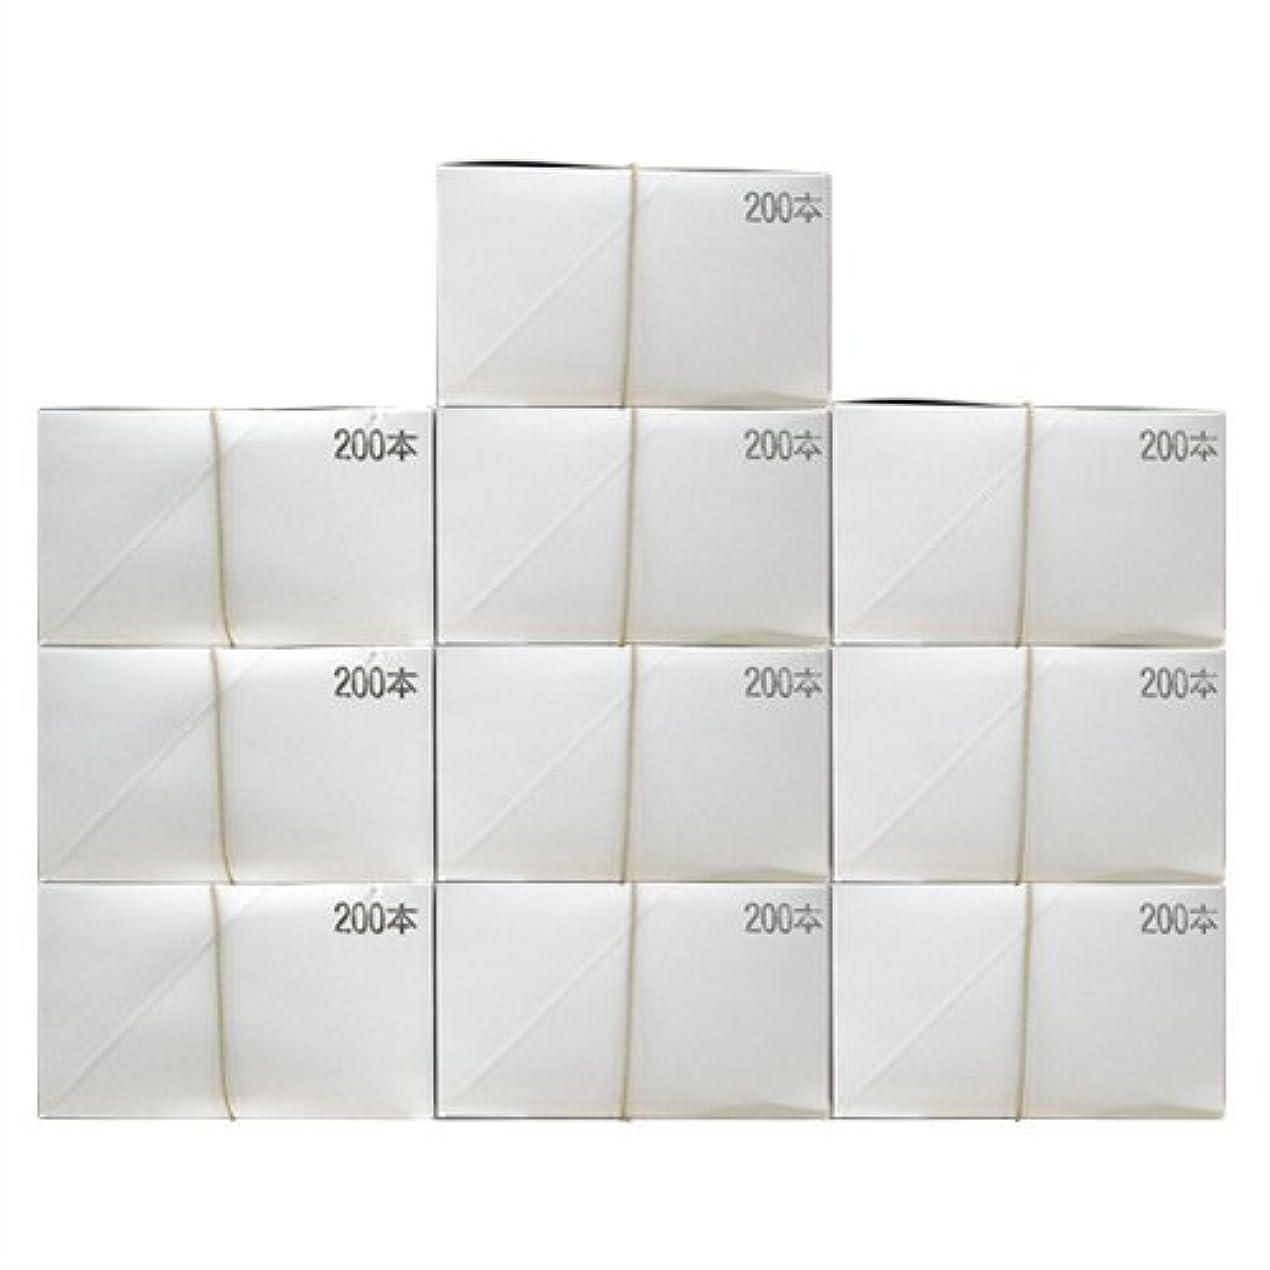 皿耐えられる矢業務用 日本製 使い捨て粉付き歯ブラシ 個包装タイプ (2000本入)│ホテルアメニティ